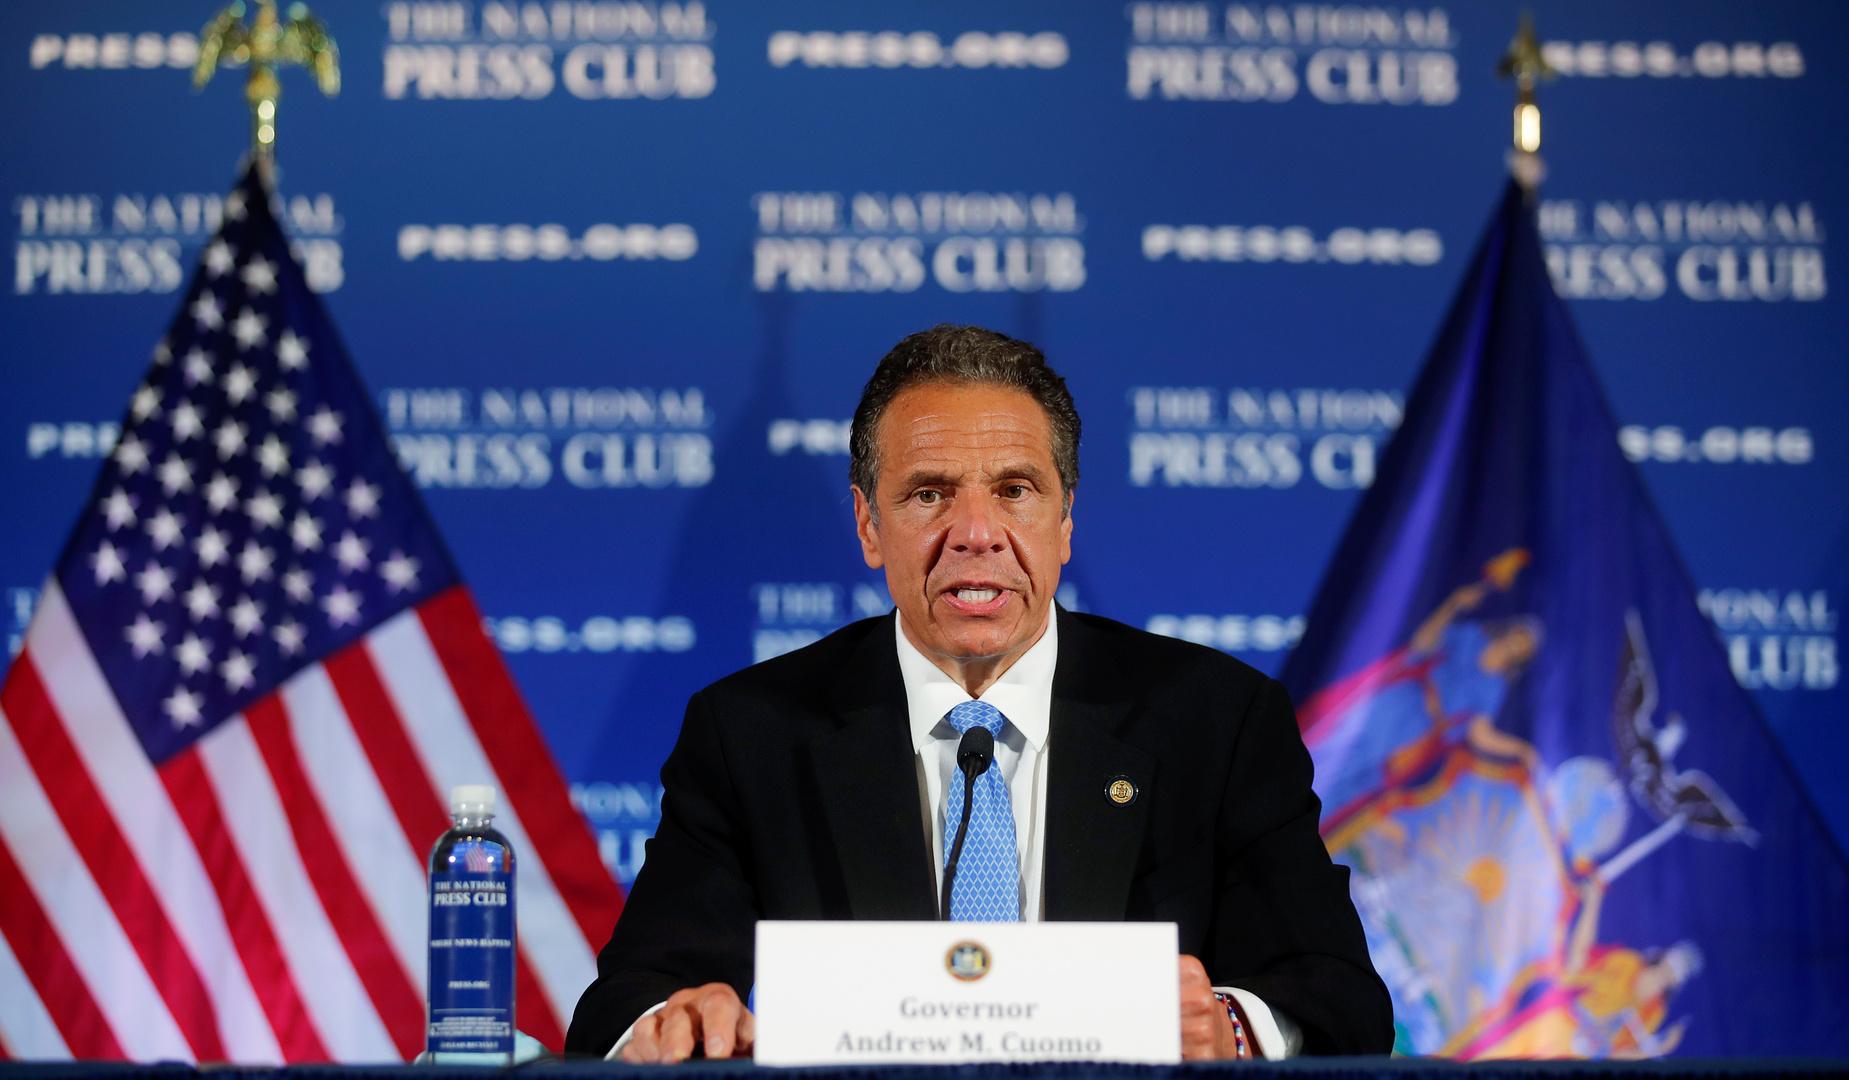 حاكم نيويورك: وفيات كورونا في الولاية بلغت أدنى مستوياتها منذ بدء تفشيه